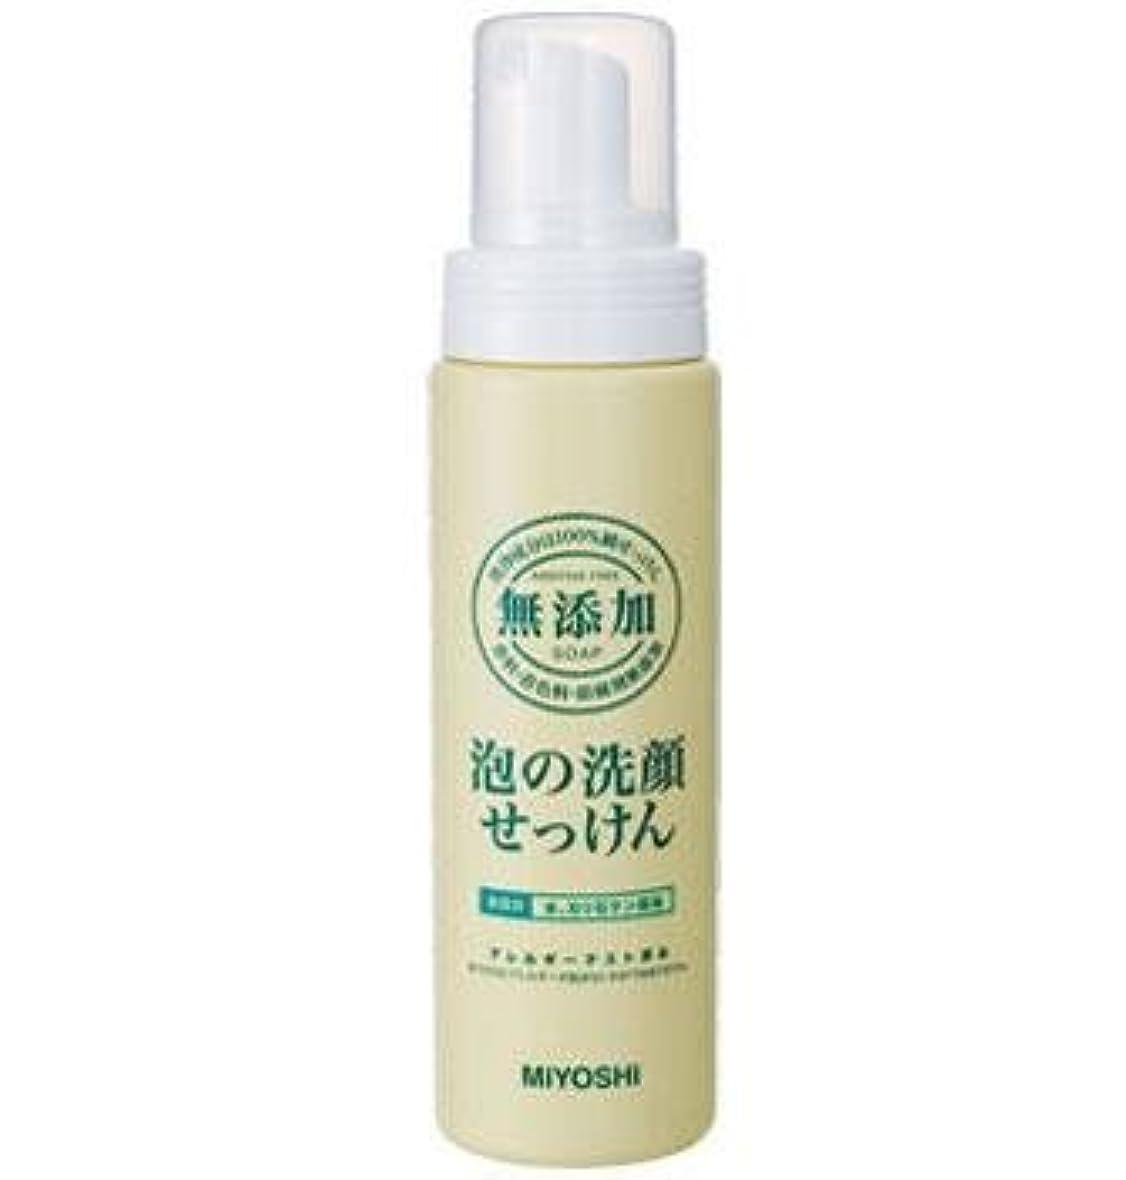 粒あそこ若いミヨシ石鹸 無添加 泡の洗顔せっけん ポンプ 200ml(無添加石鹸)×24点セット (4537130120019)